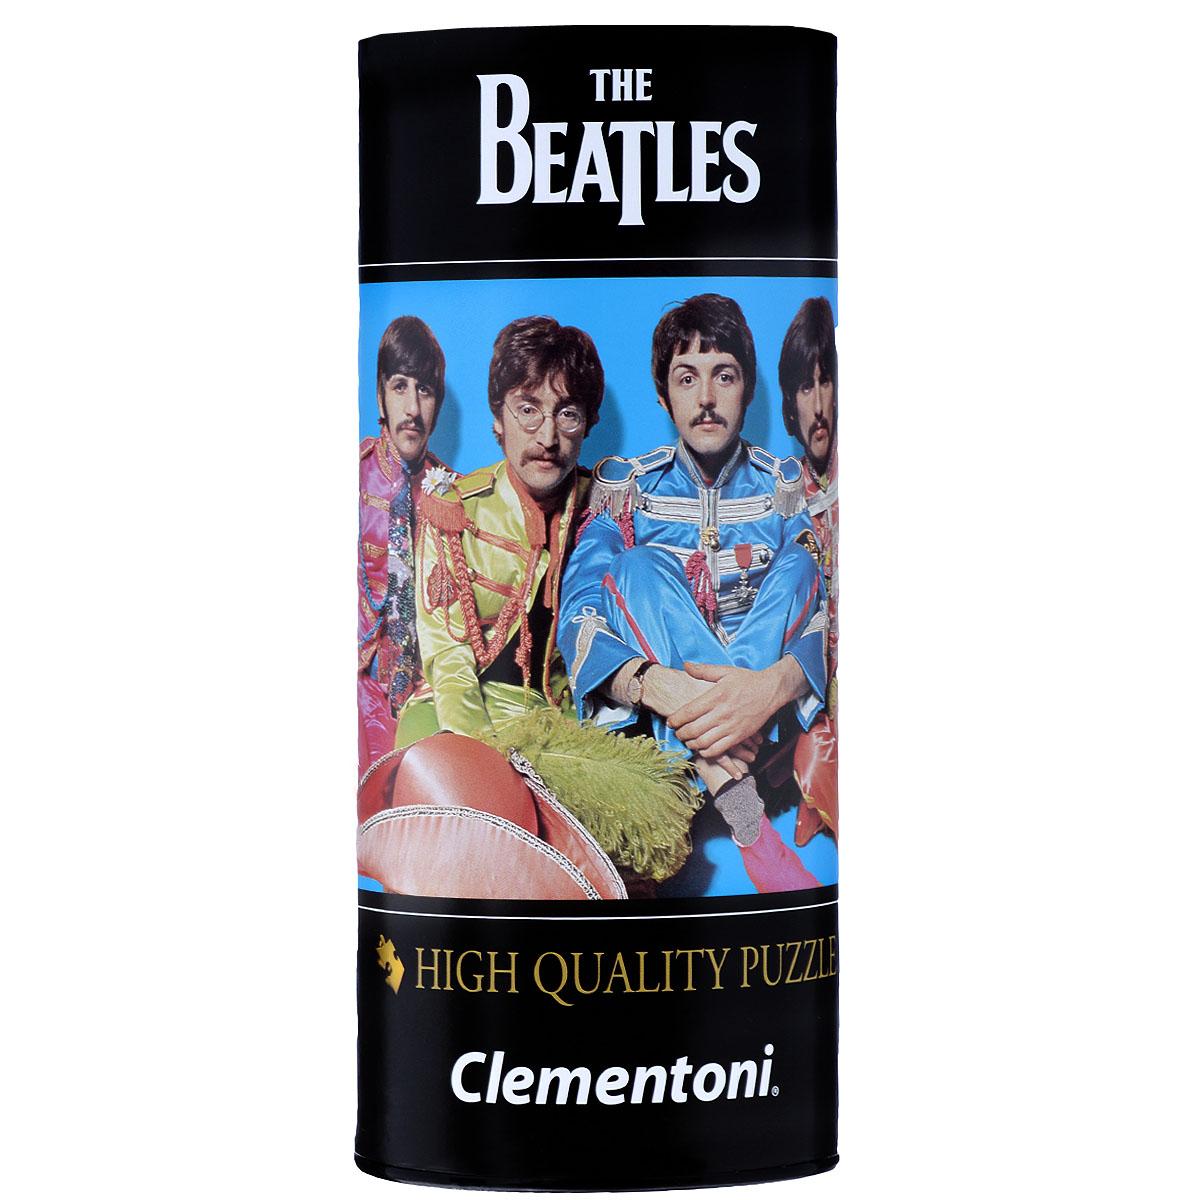 The Beatles, Lucy in The Sky with Diamonds. Пазл, 500 элементов21201Пазл Clementoni The Beatles. Lucy in The Sky with Diamonds, без сомнения, придется по душе любому поклоннику знаменитой четверки. Собрав этот пазл, включающий в себя 500 элементов, вы получите картину с фотографией группы The Beatles, одетых в яркие мундиры, которые были сшиты специально к выпуску знаменитого альбома группы Sgt. Pepper's Lonely Hearts Club Band в 1967 году. Полу Маккартни пришла в голову идея о радикальной смене имиджа группы, и вскоре вместе с дизайнером Робертом Фрейзером они разработали столь необычные костюмы. Пазл - великолепная игра для семейного досуга. Сегодня собирание пазлов стало особенно популярным, главным образом, благодаря своей многообразной тематике, способной удовлетворить самый взыскательный вкус. А для детей это не только интересно, но и полезно. Собирание пазла развивает мелкую моторику у ребенка, тренирует наблюдательность, логическое мышление, знакомит с окружающим миром, с цветом и разнообразными формами.